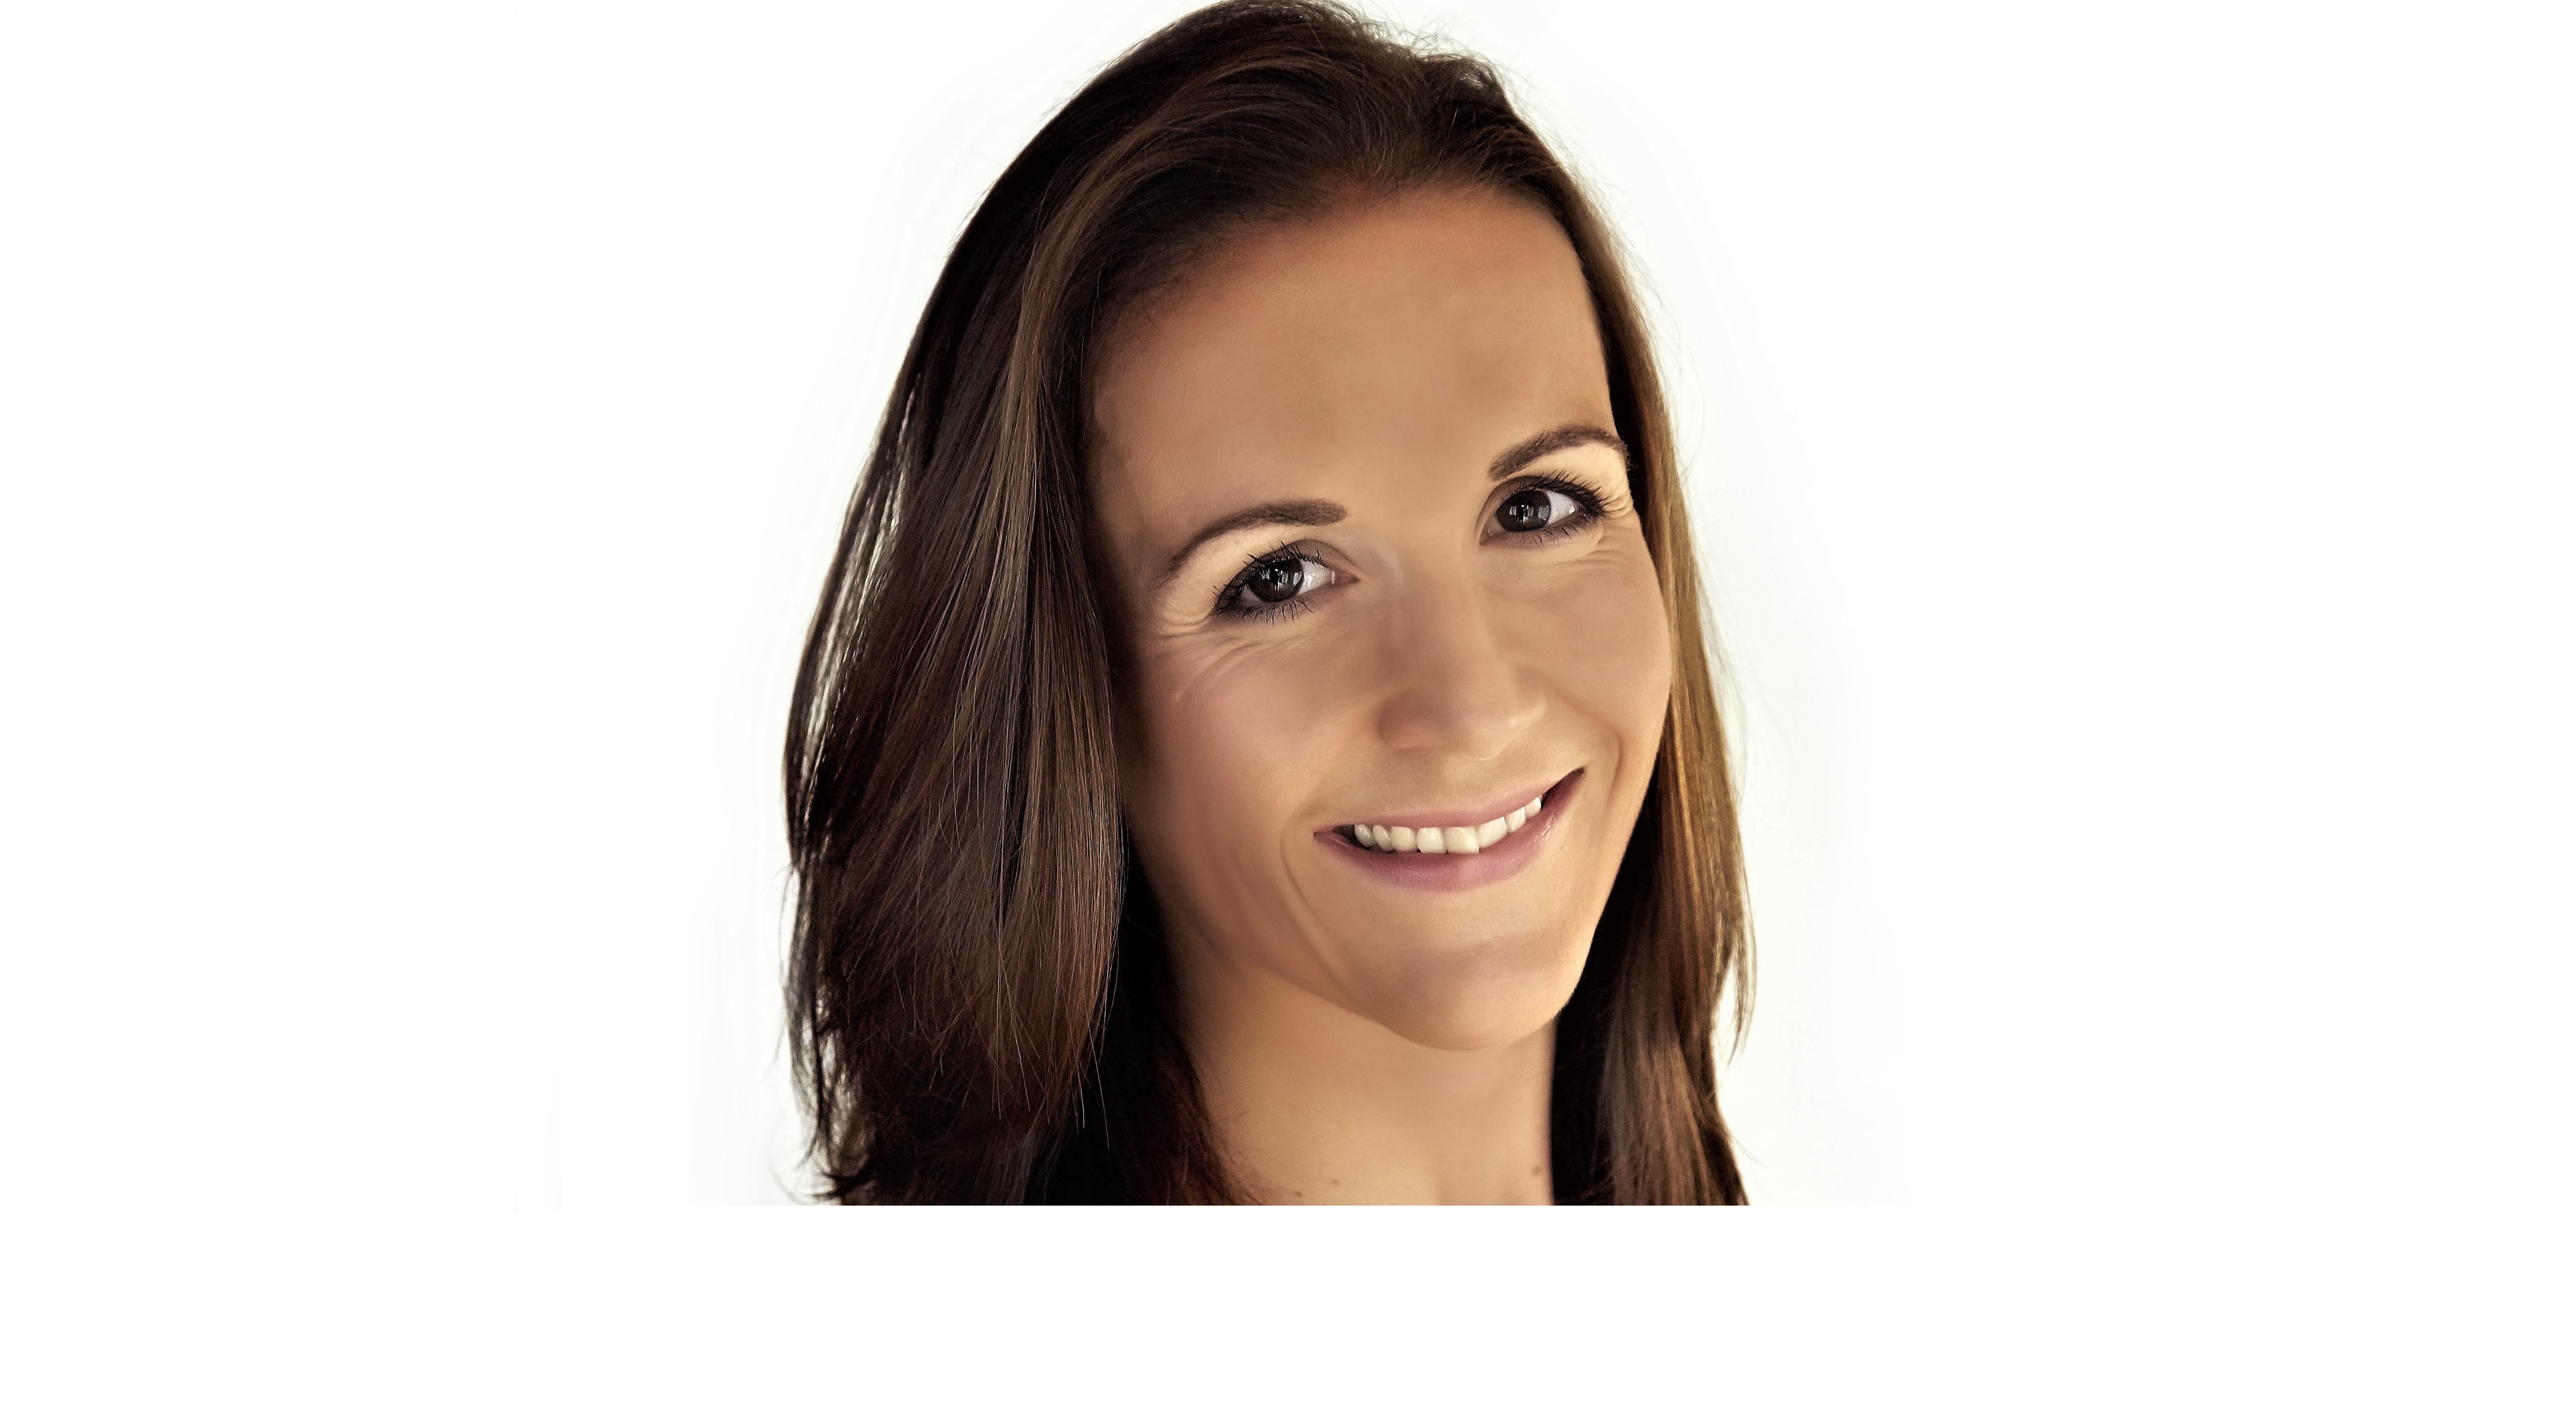 Daniela-Bachmann-689x1024